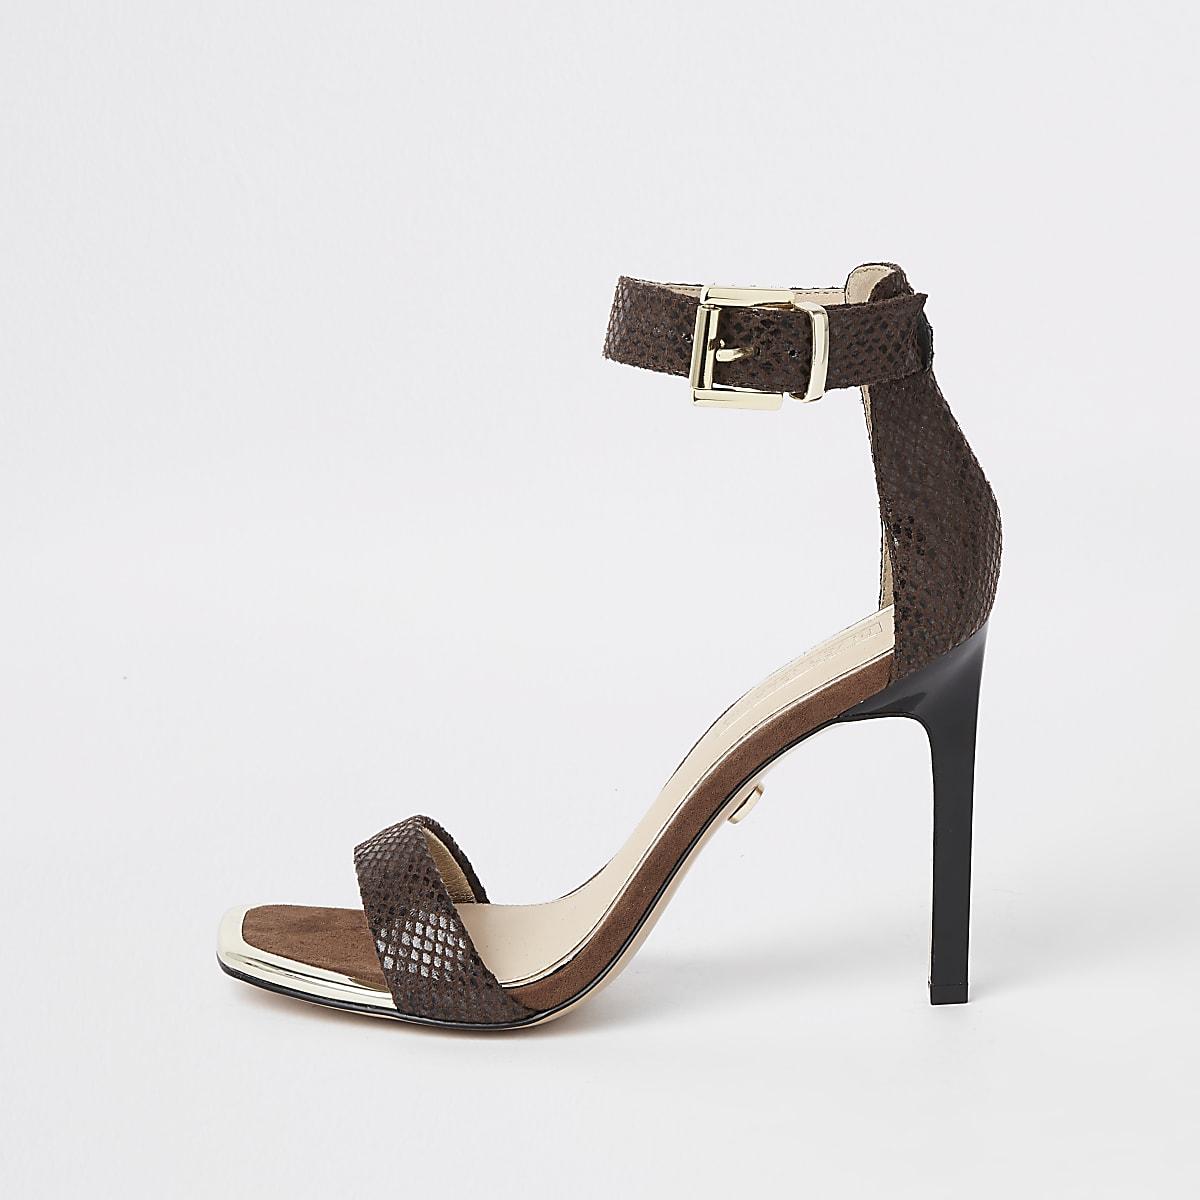 Sandales minimalistes marron effet croco en relief